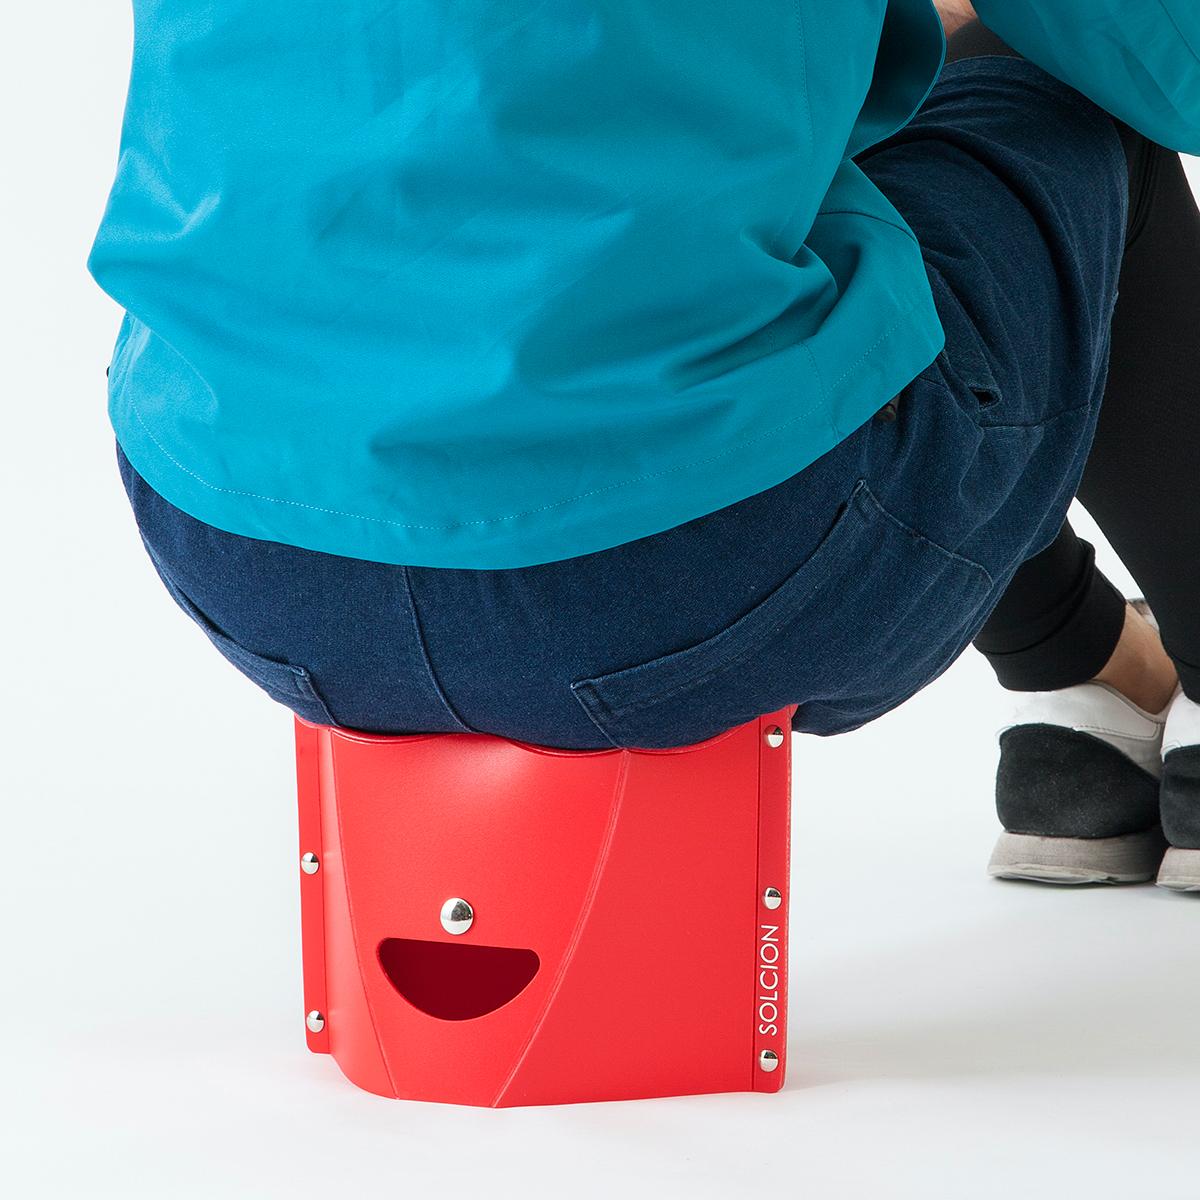 お尻の形状にフィットするよう、座面が波型にデザインされているので、座り心地が良く、長時間座っても疲れにくい設計。どこにでも持ち歩けるイス|PATATTO